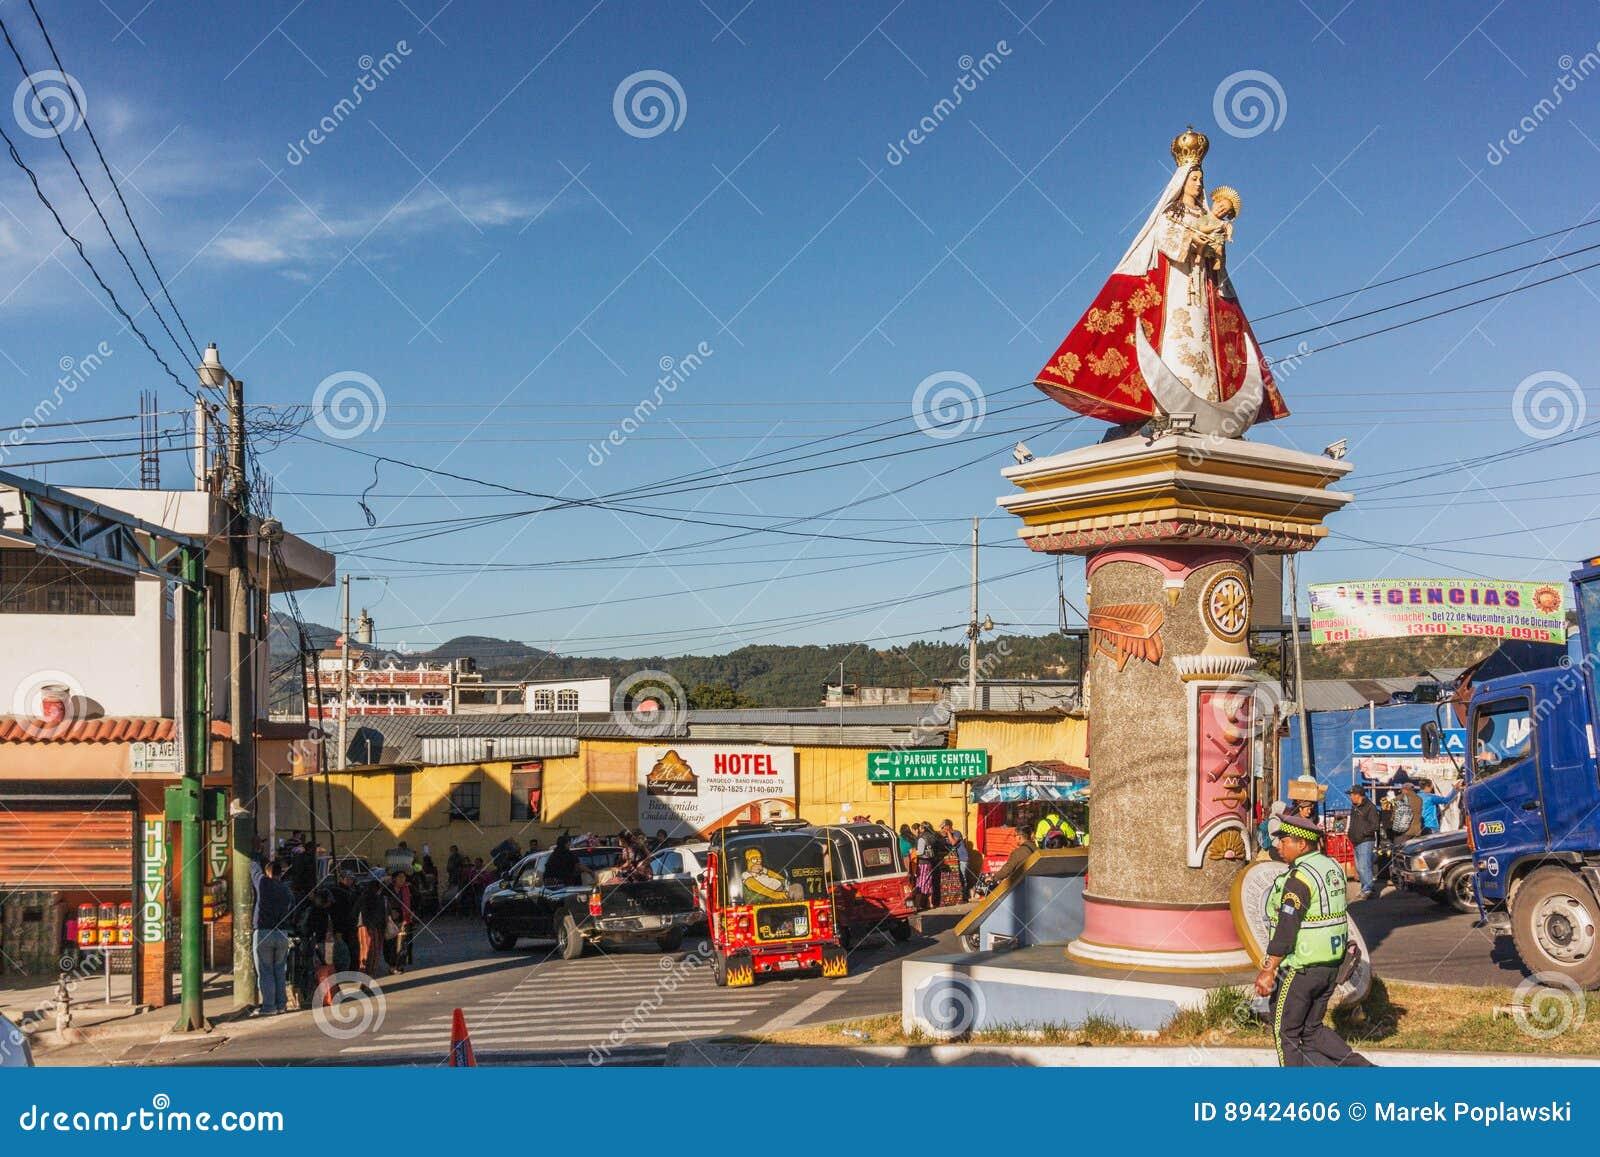 Mary com a estátua de Jesus do bebê na interseção das estradas em Solola,